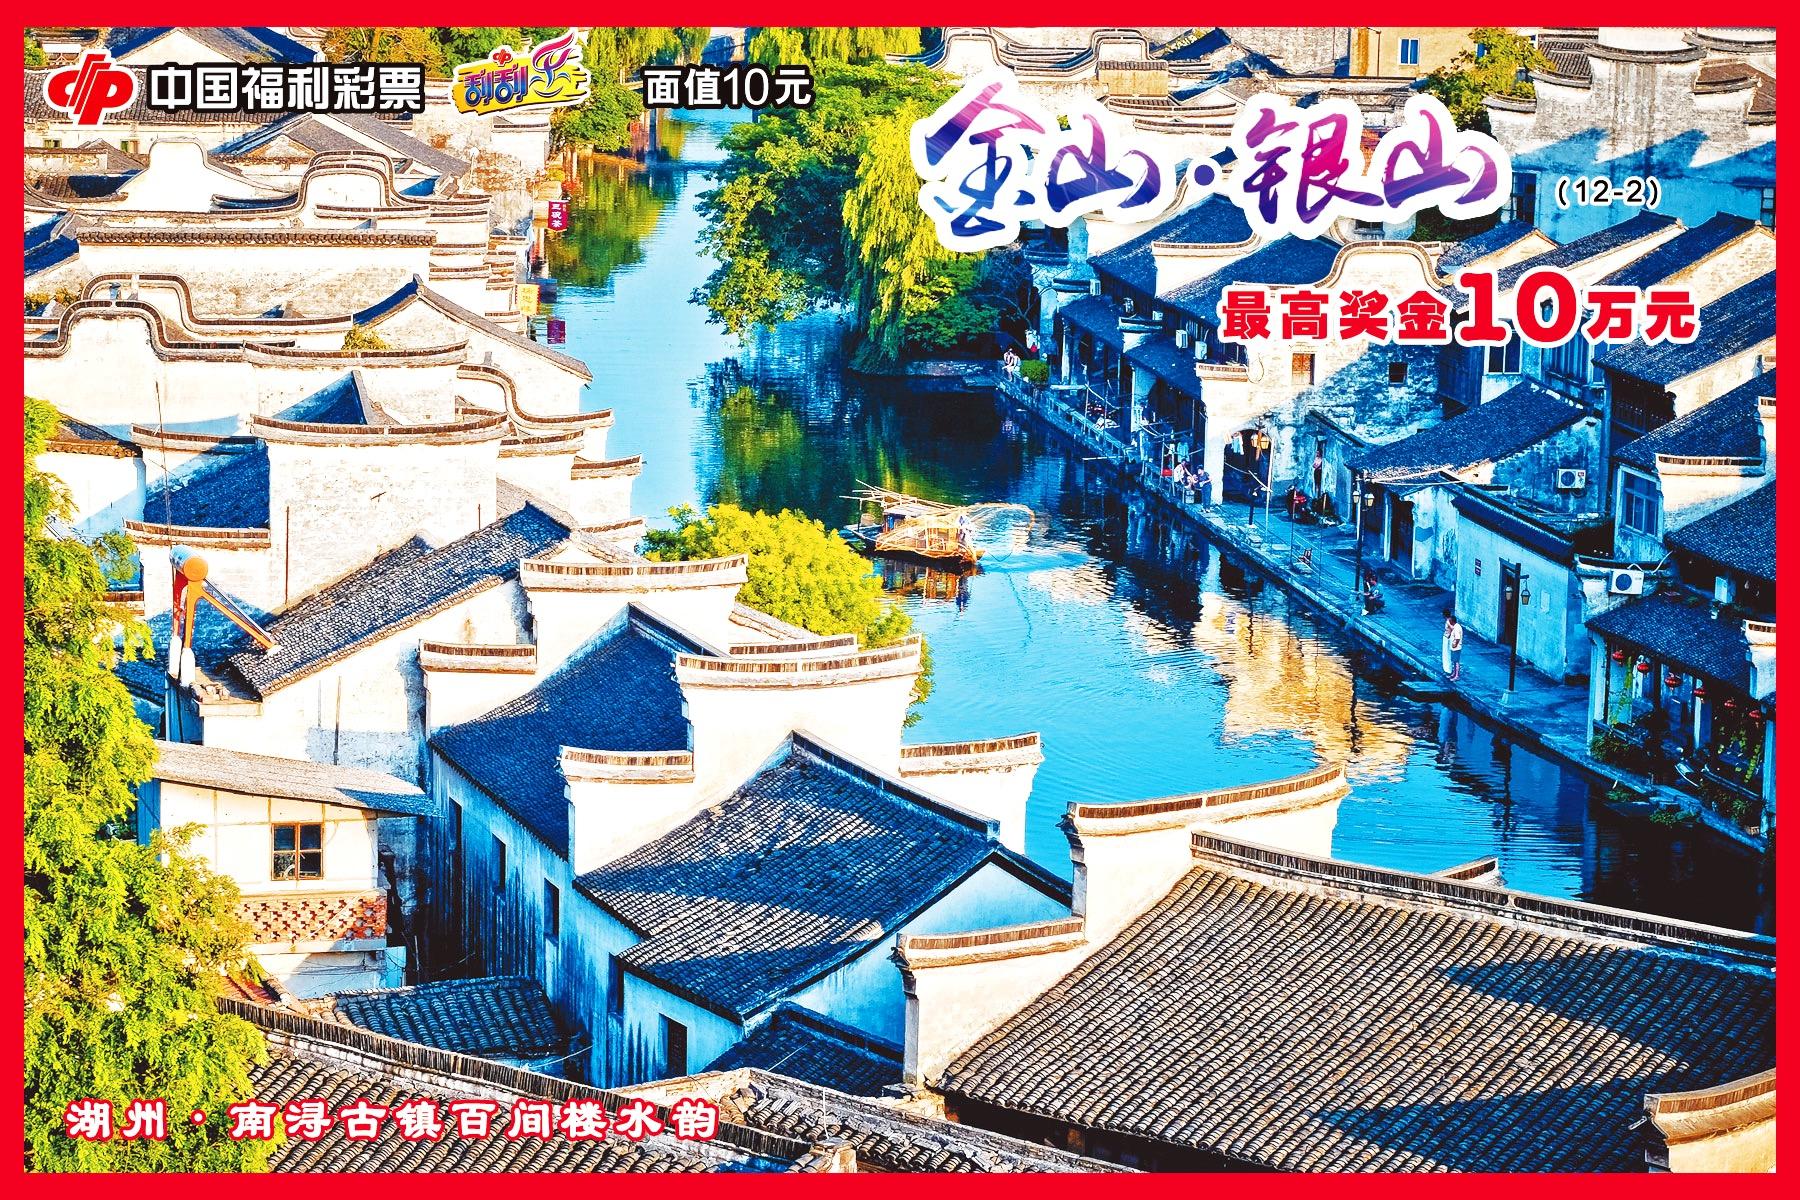 湖州・南浔古镇百间楼水韵